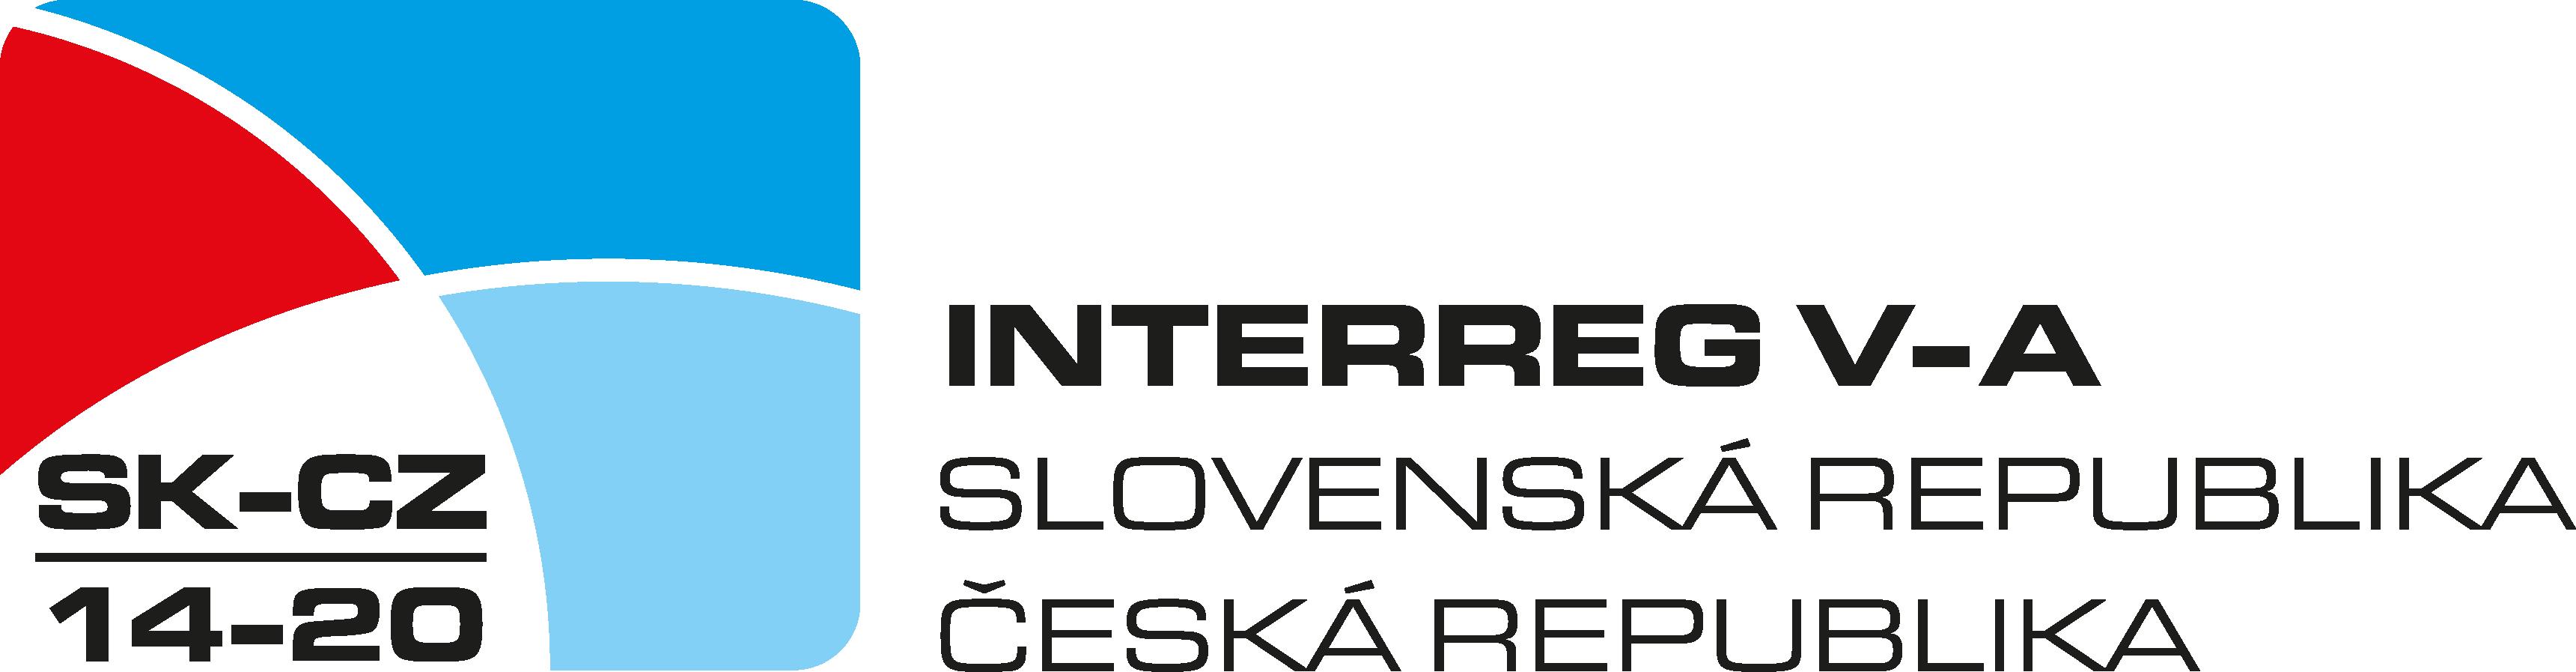 INTERREG V-A